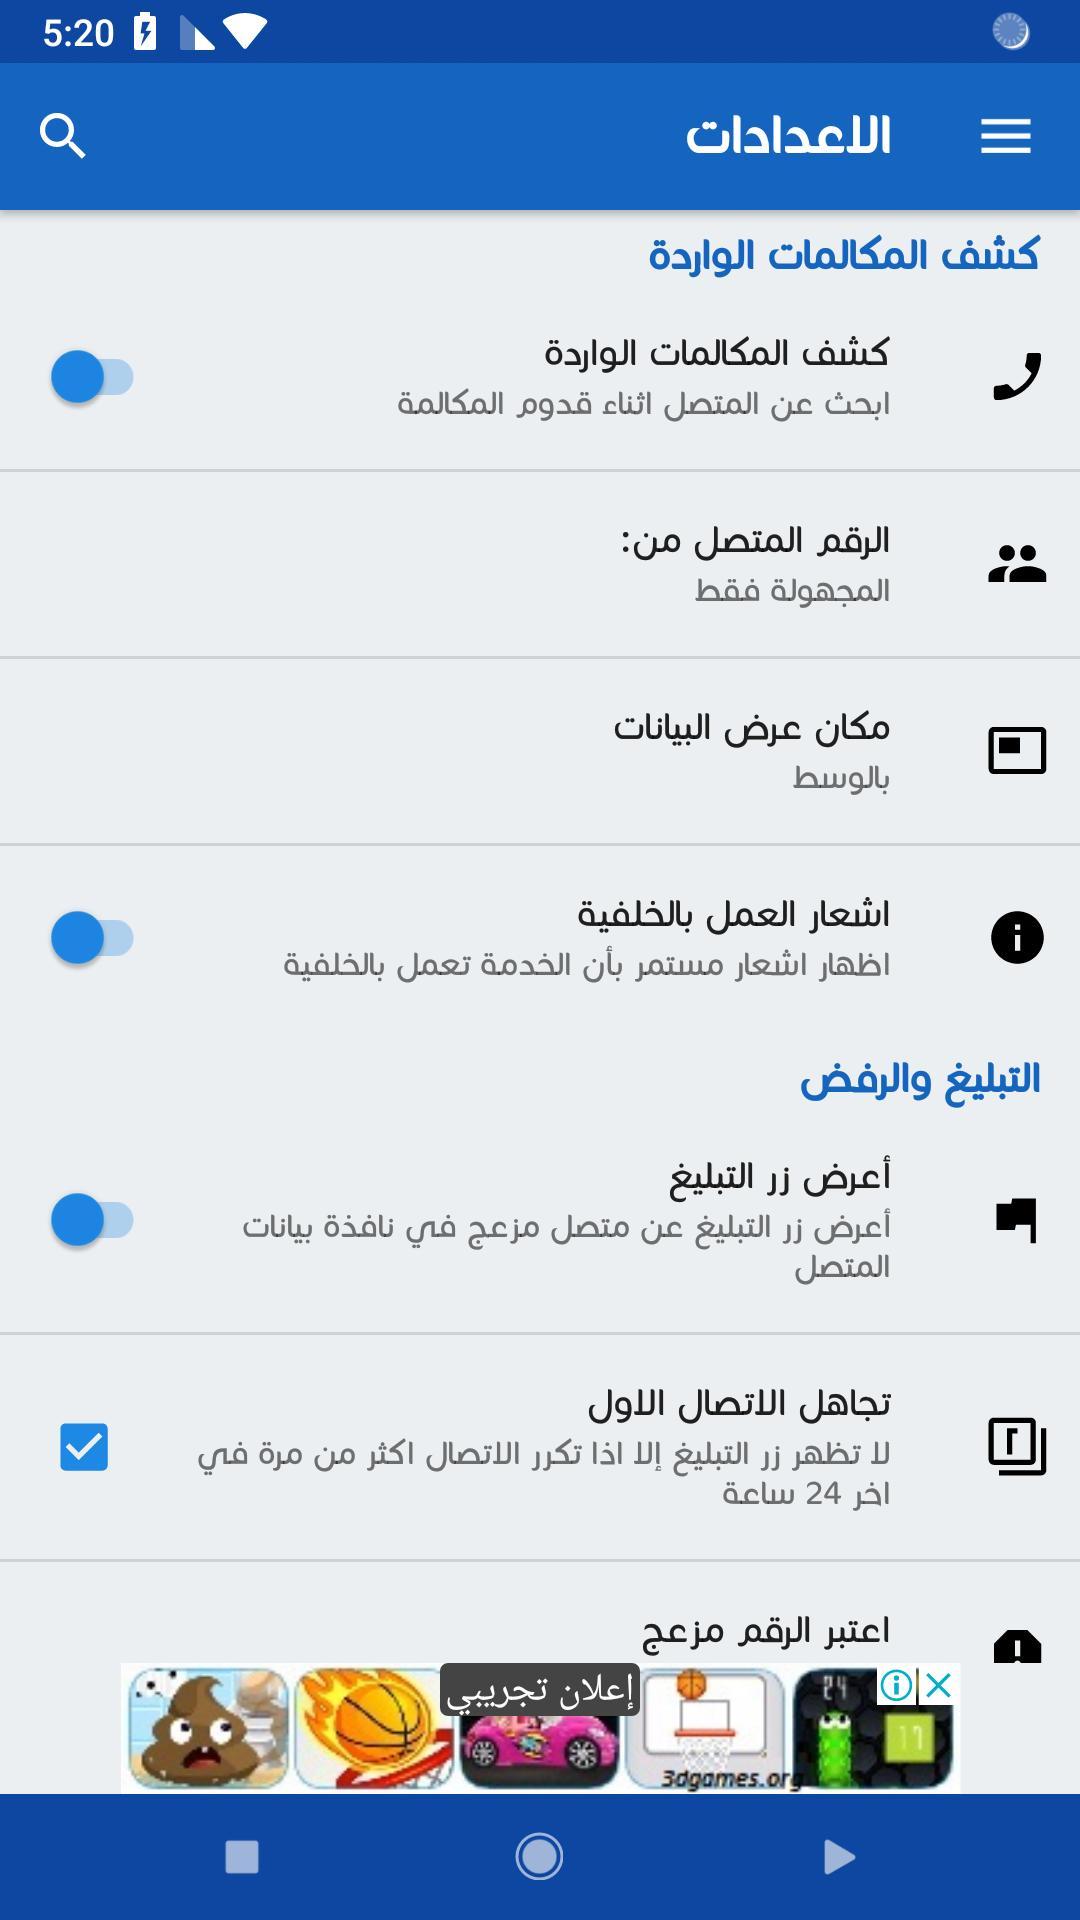 كاشف ارقام ليبيا